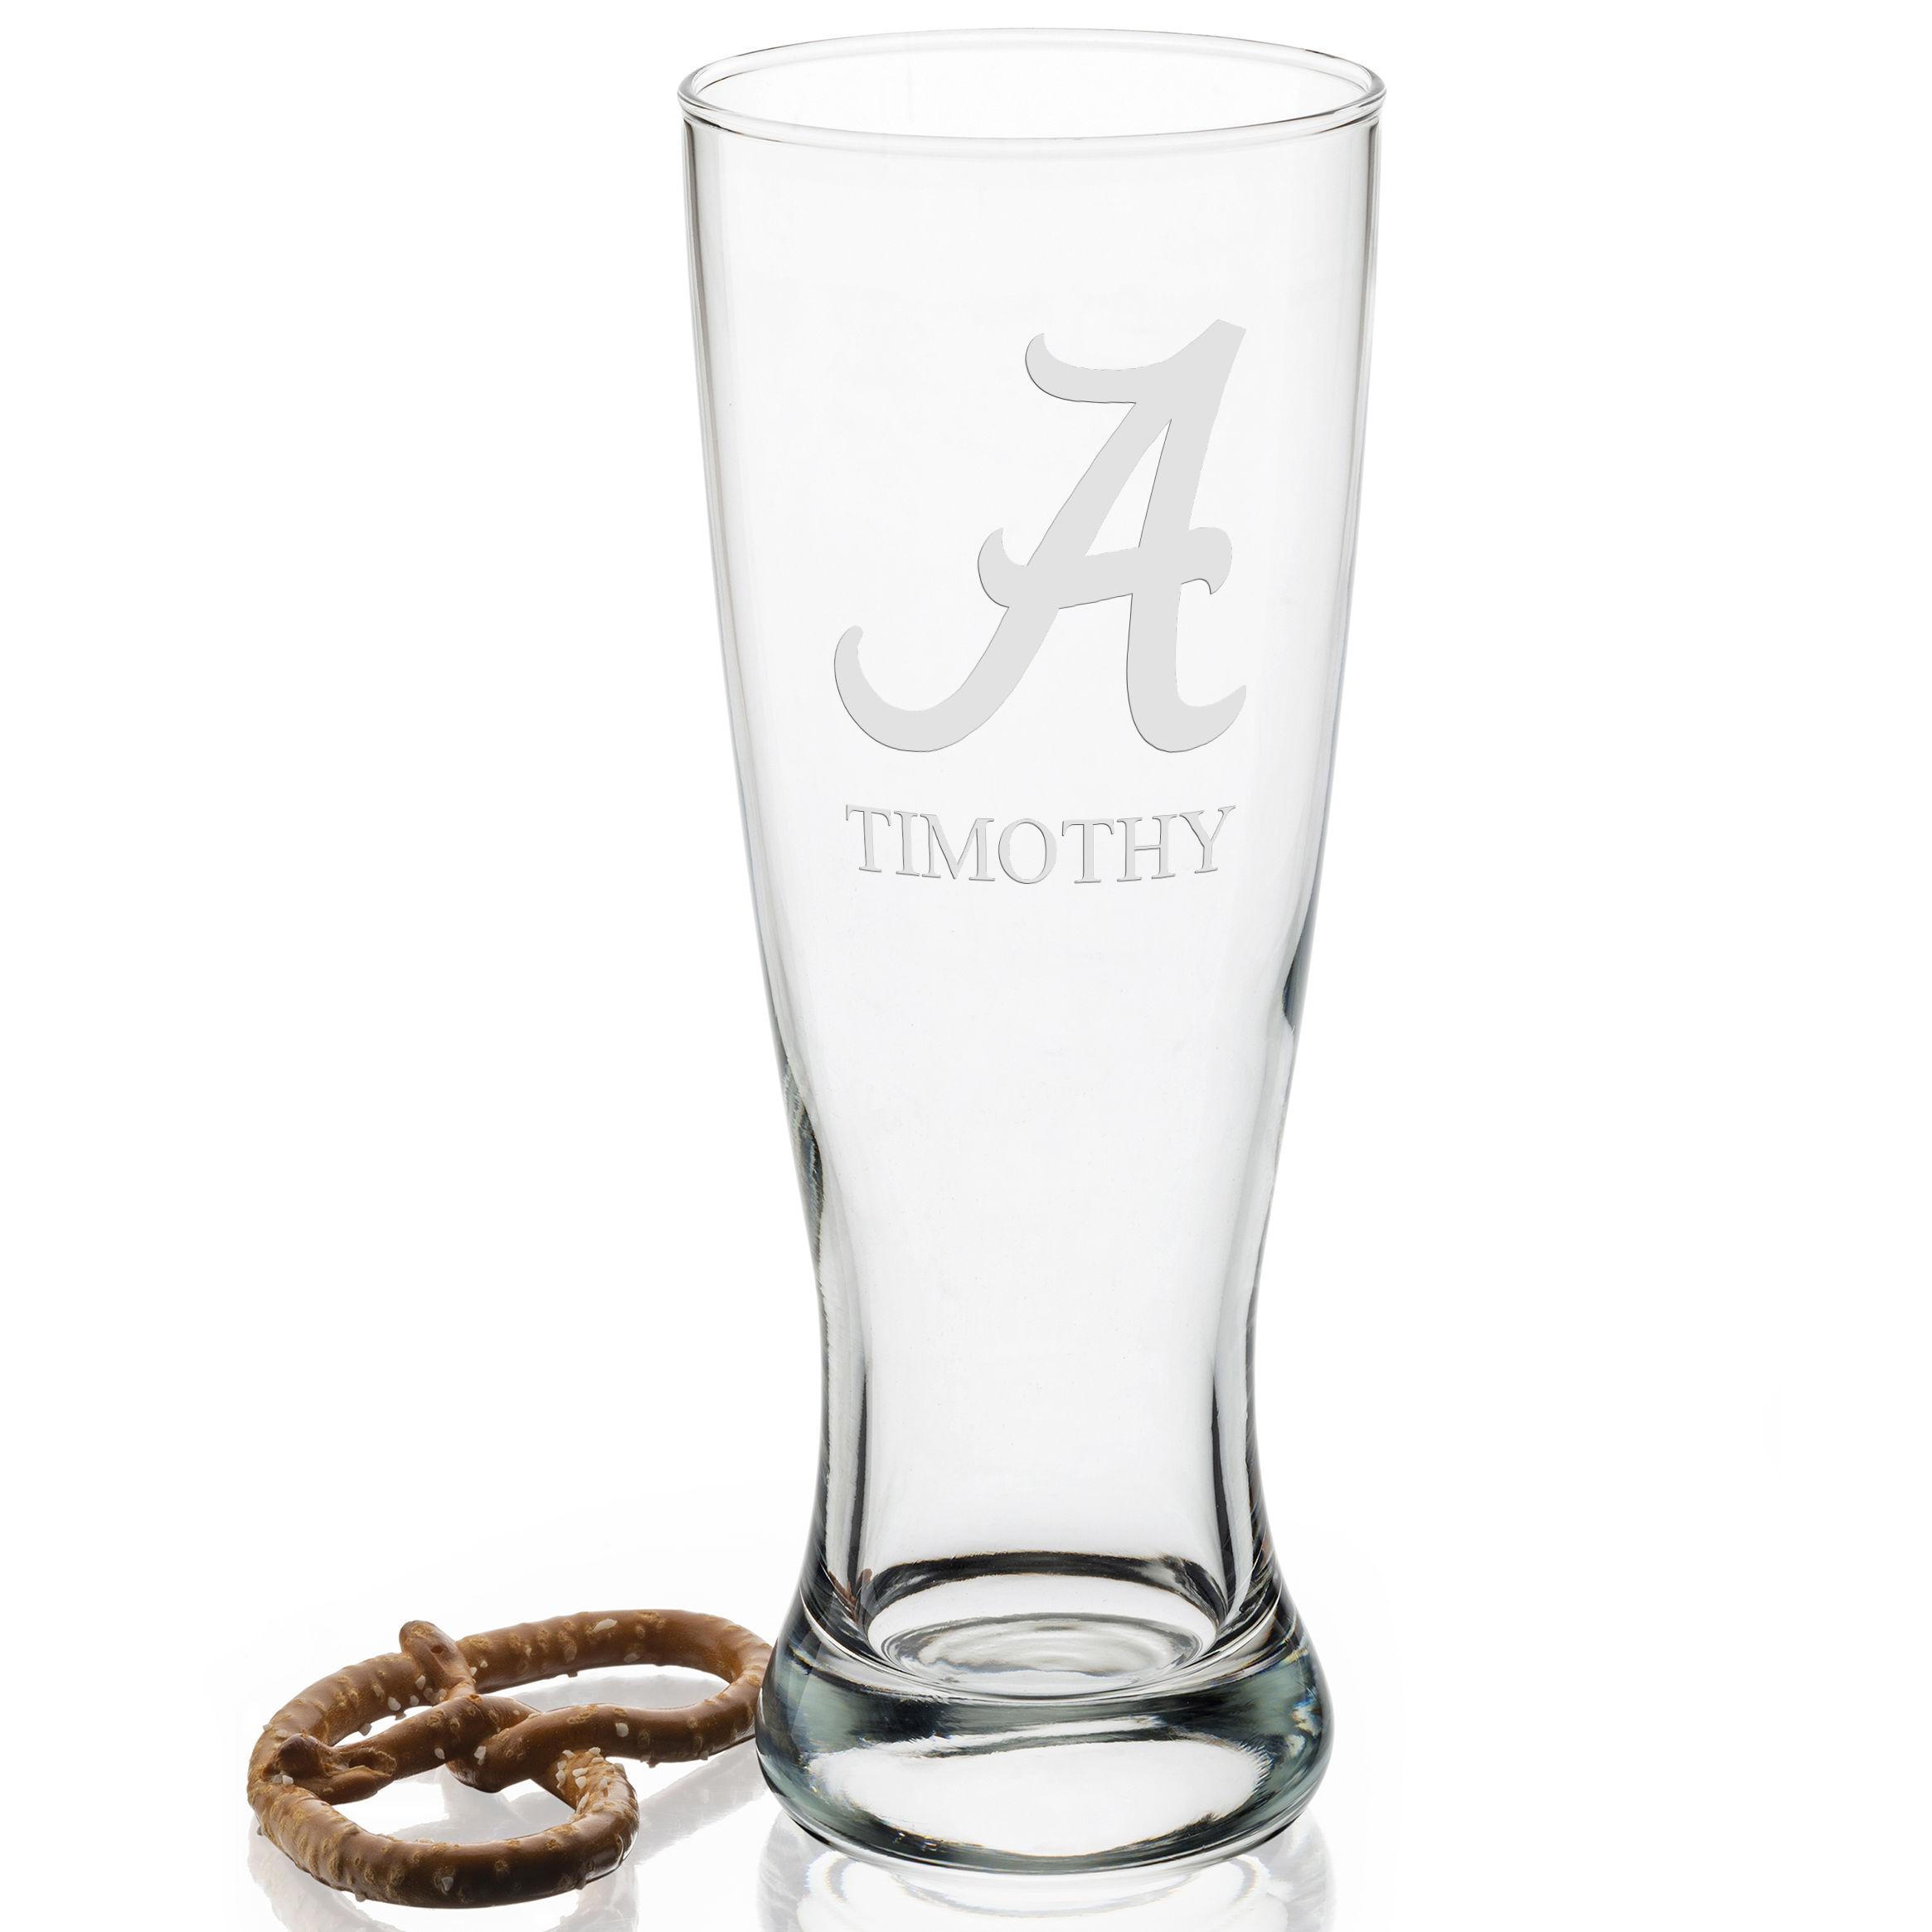 Alabama Tall 20oz Pilsner Glasses - Set of 2